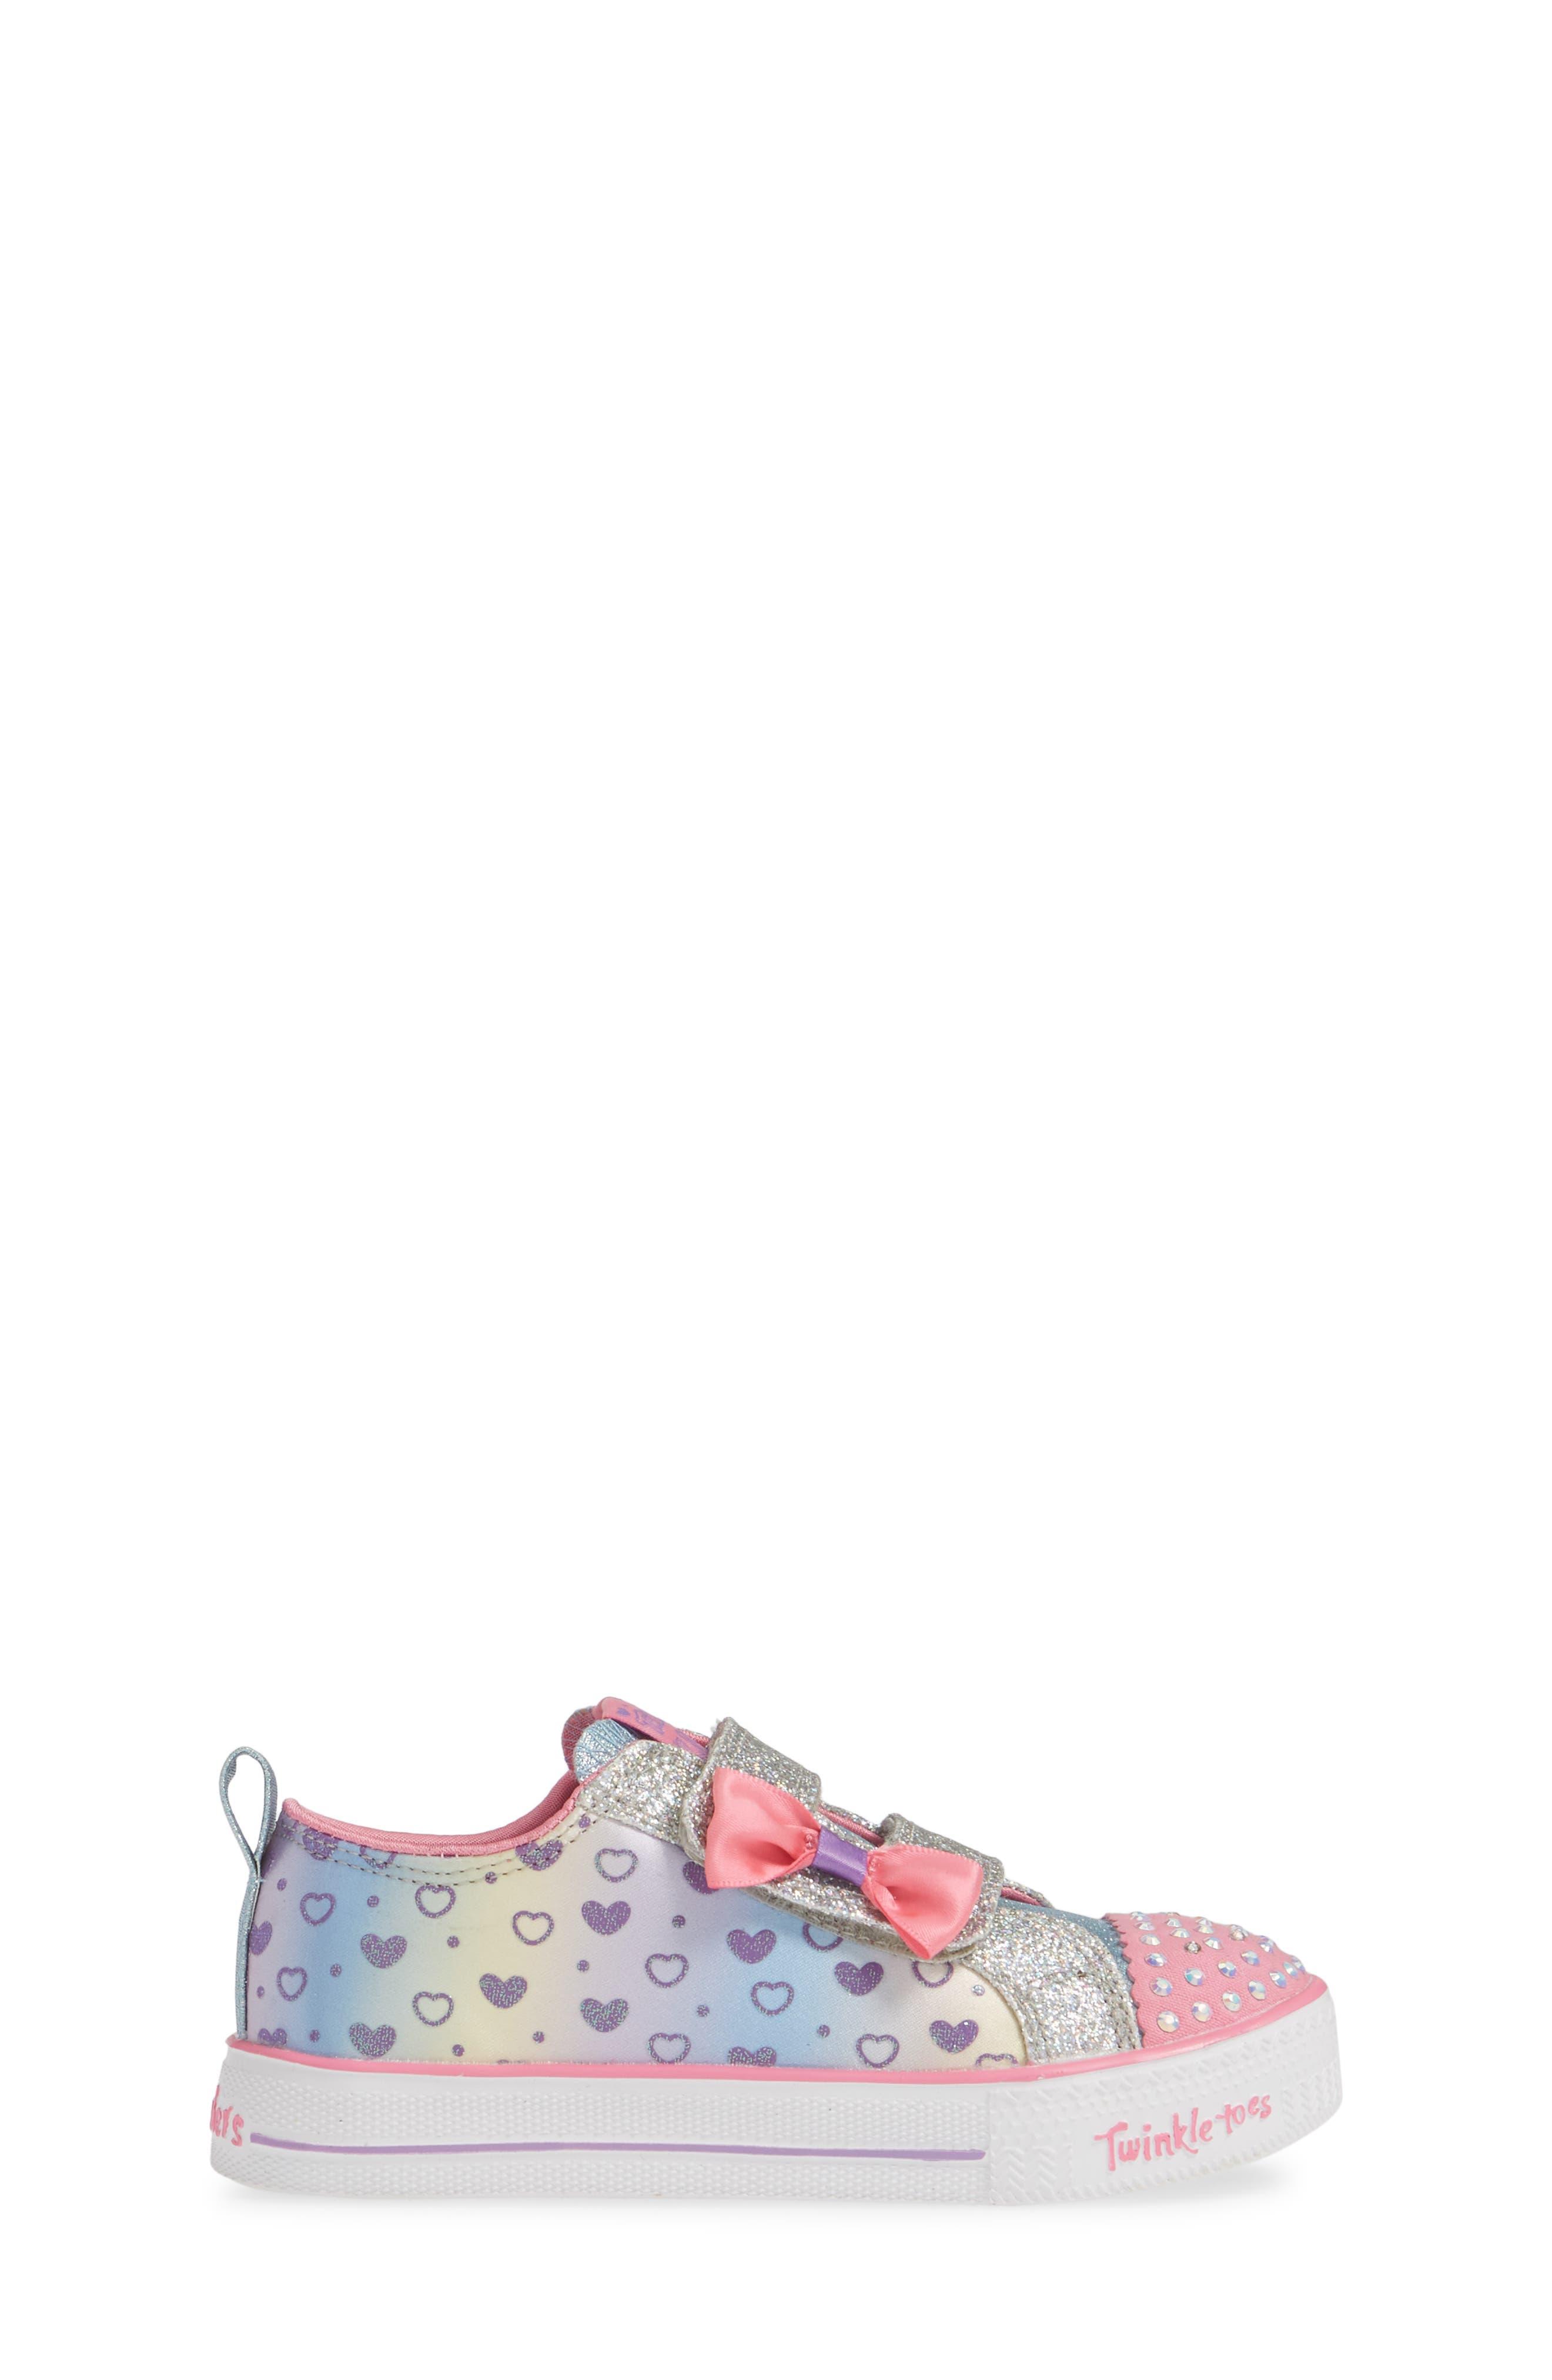 Shuffle Lite Glitter Sneaker,                             Alternate thumbnail 3, color,                             SILVER/ MULTI